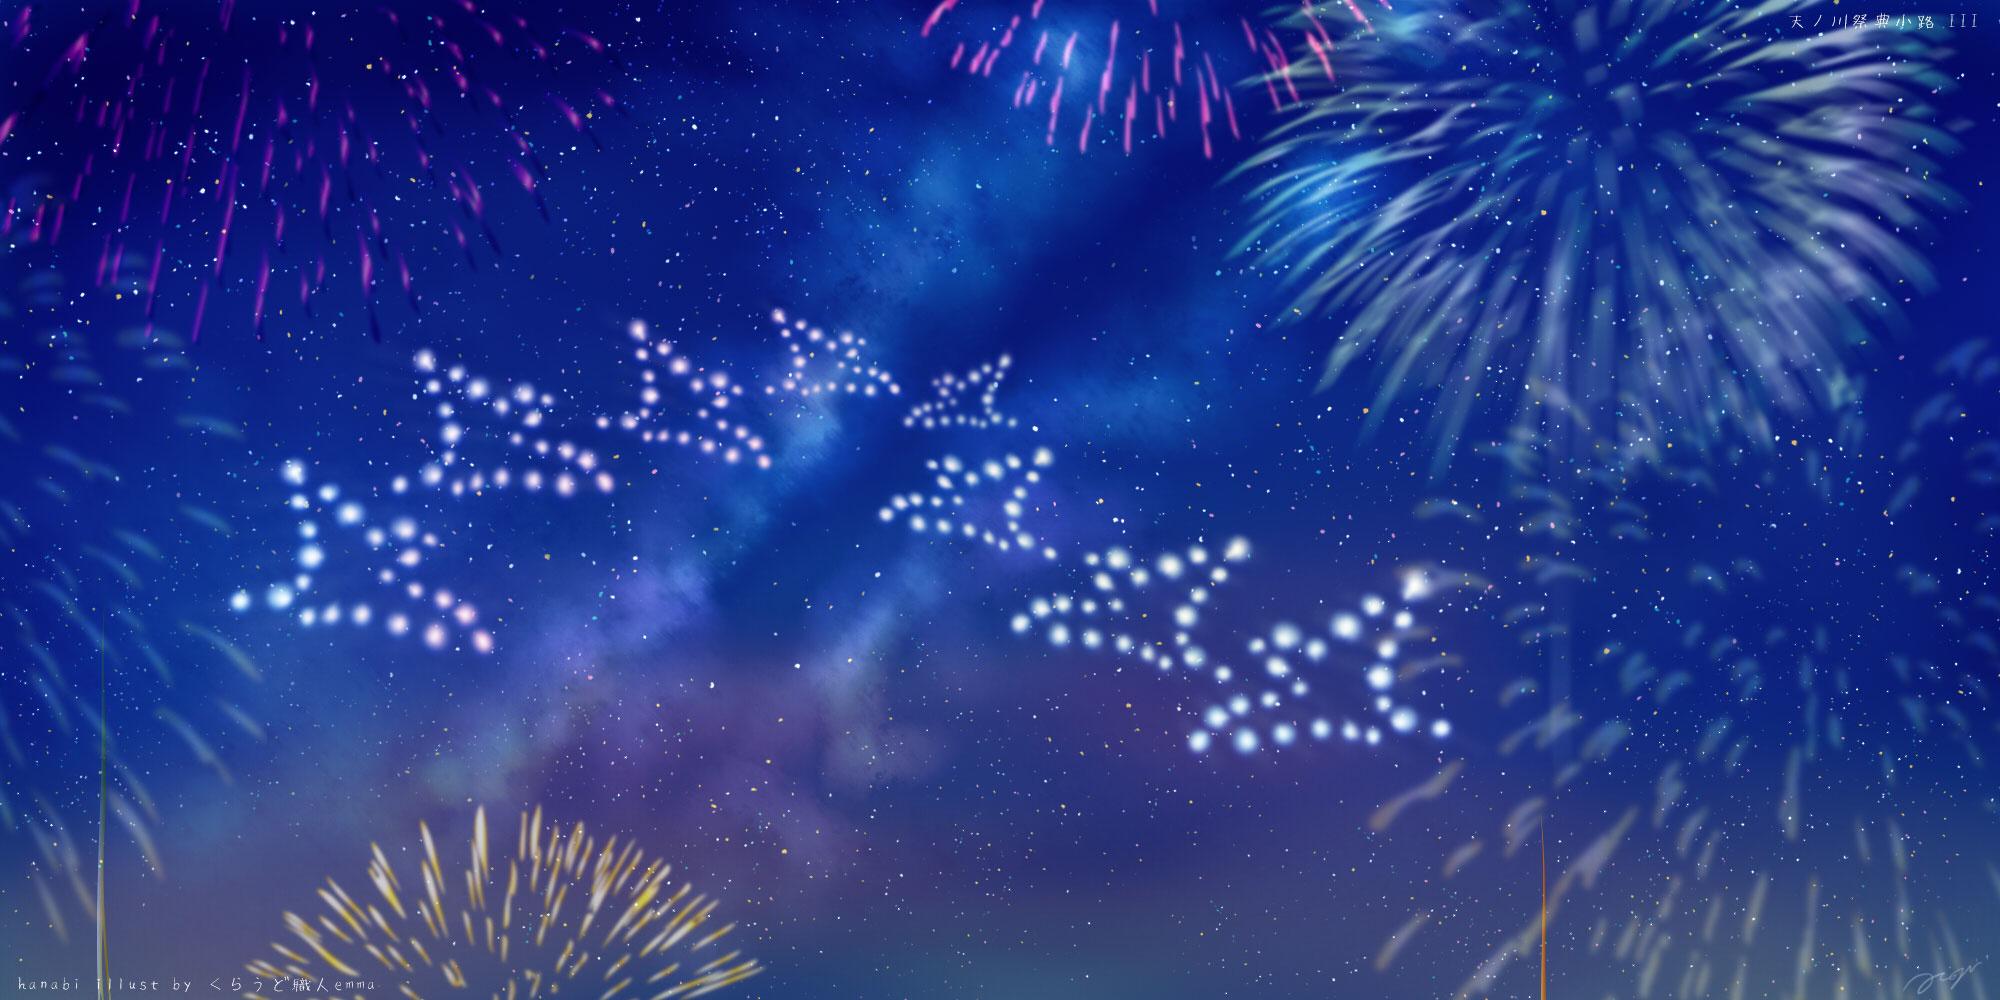 redden★D2D74 - 【終焉‧花火】7月14日 晚間天色已經完全暗下,祭典的最後,與地面輝映的銀河閃閃發亮。寧靜 ...